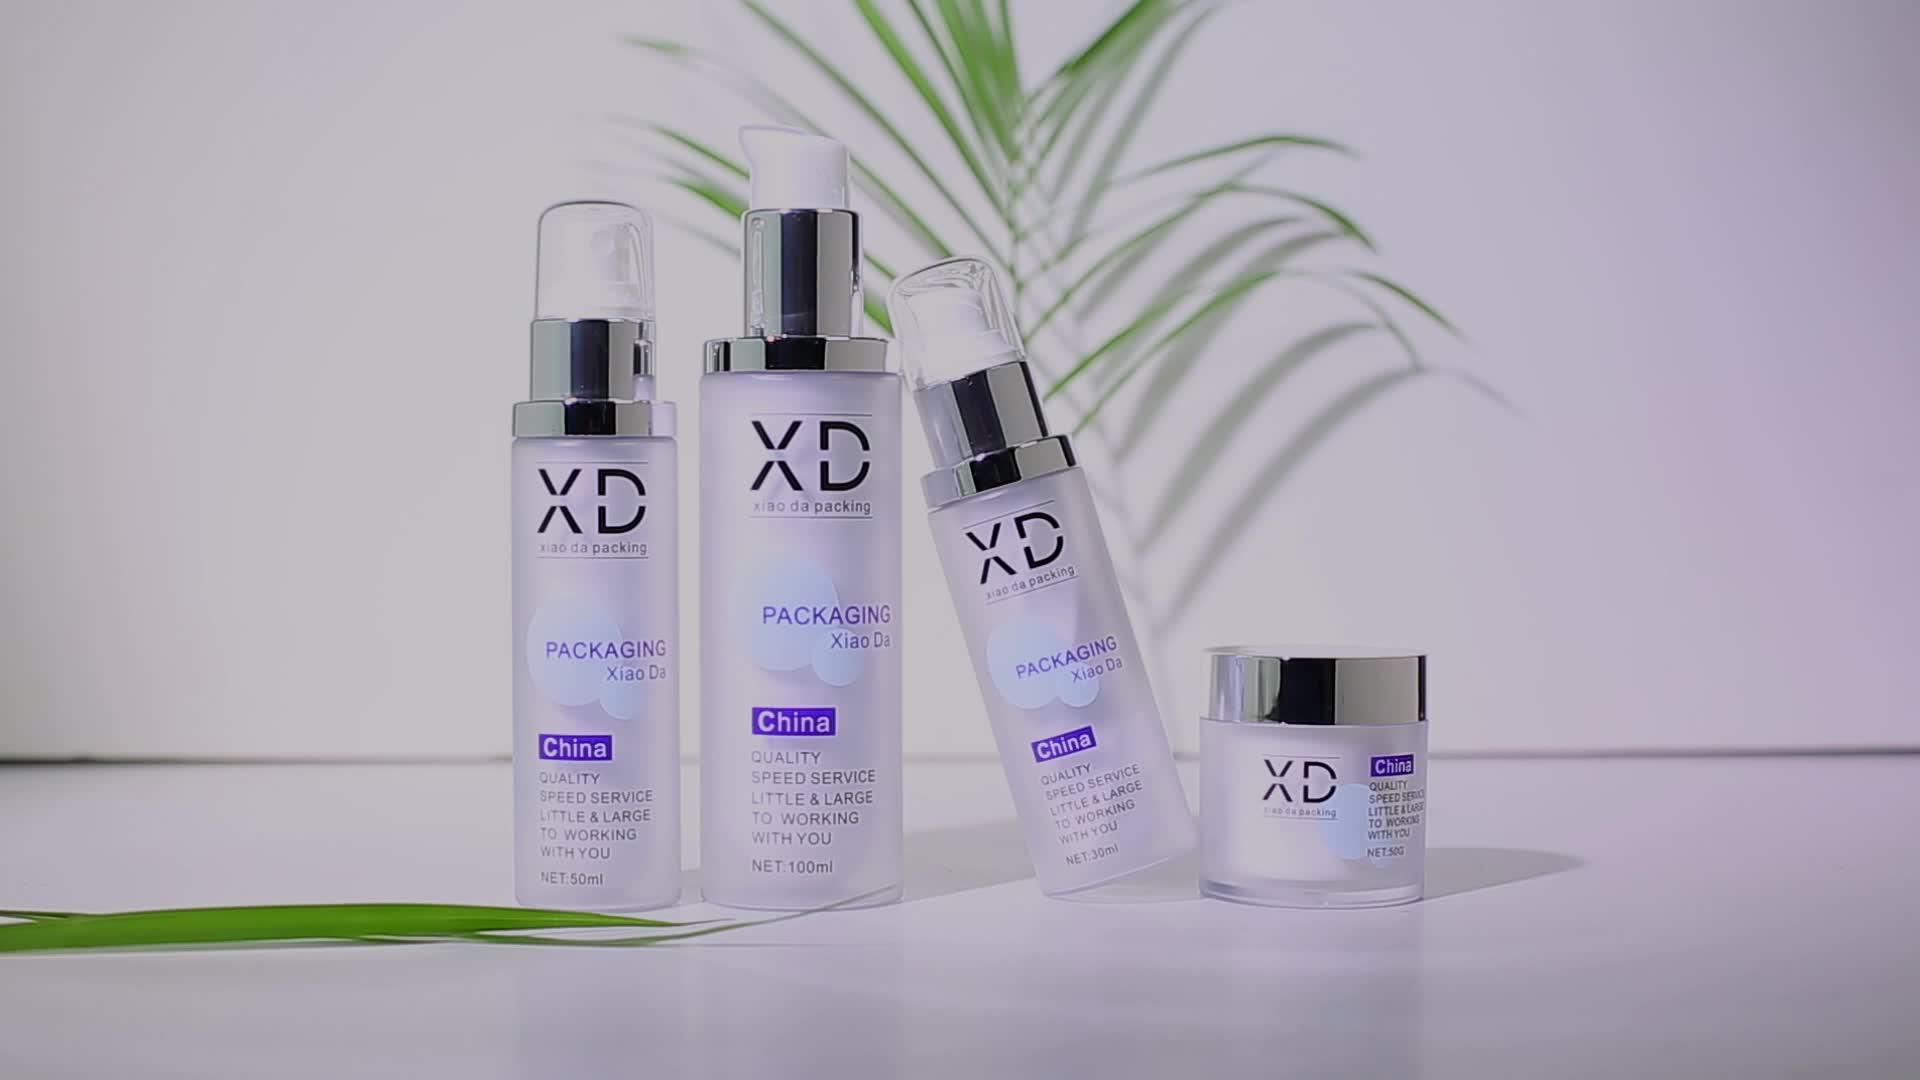 2019 Nouveau produit Chine fournisseur emballage cosmétique 100ml peau crème recycler en plastique vaporisateur bouteille cosmétique